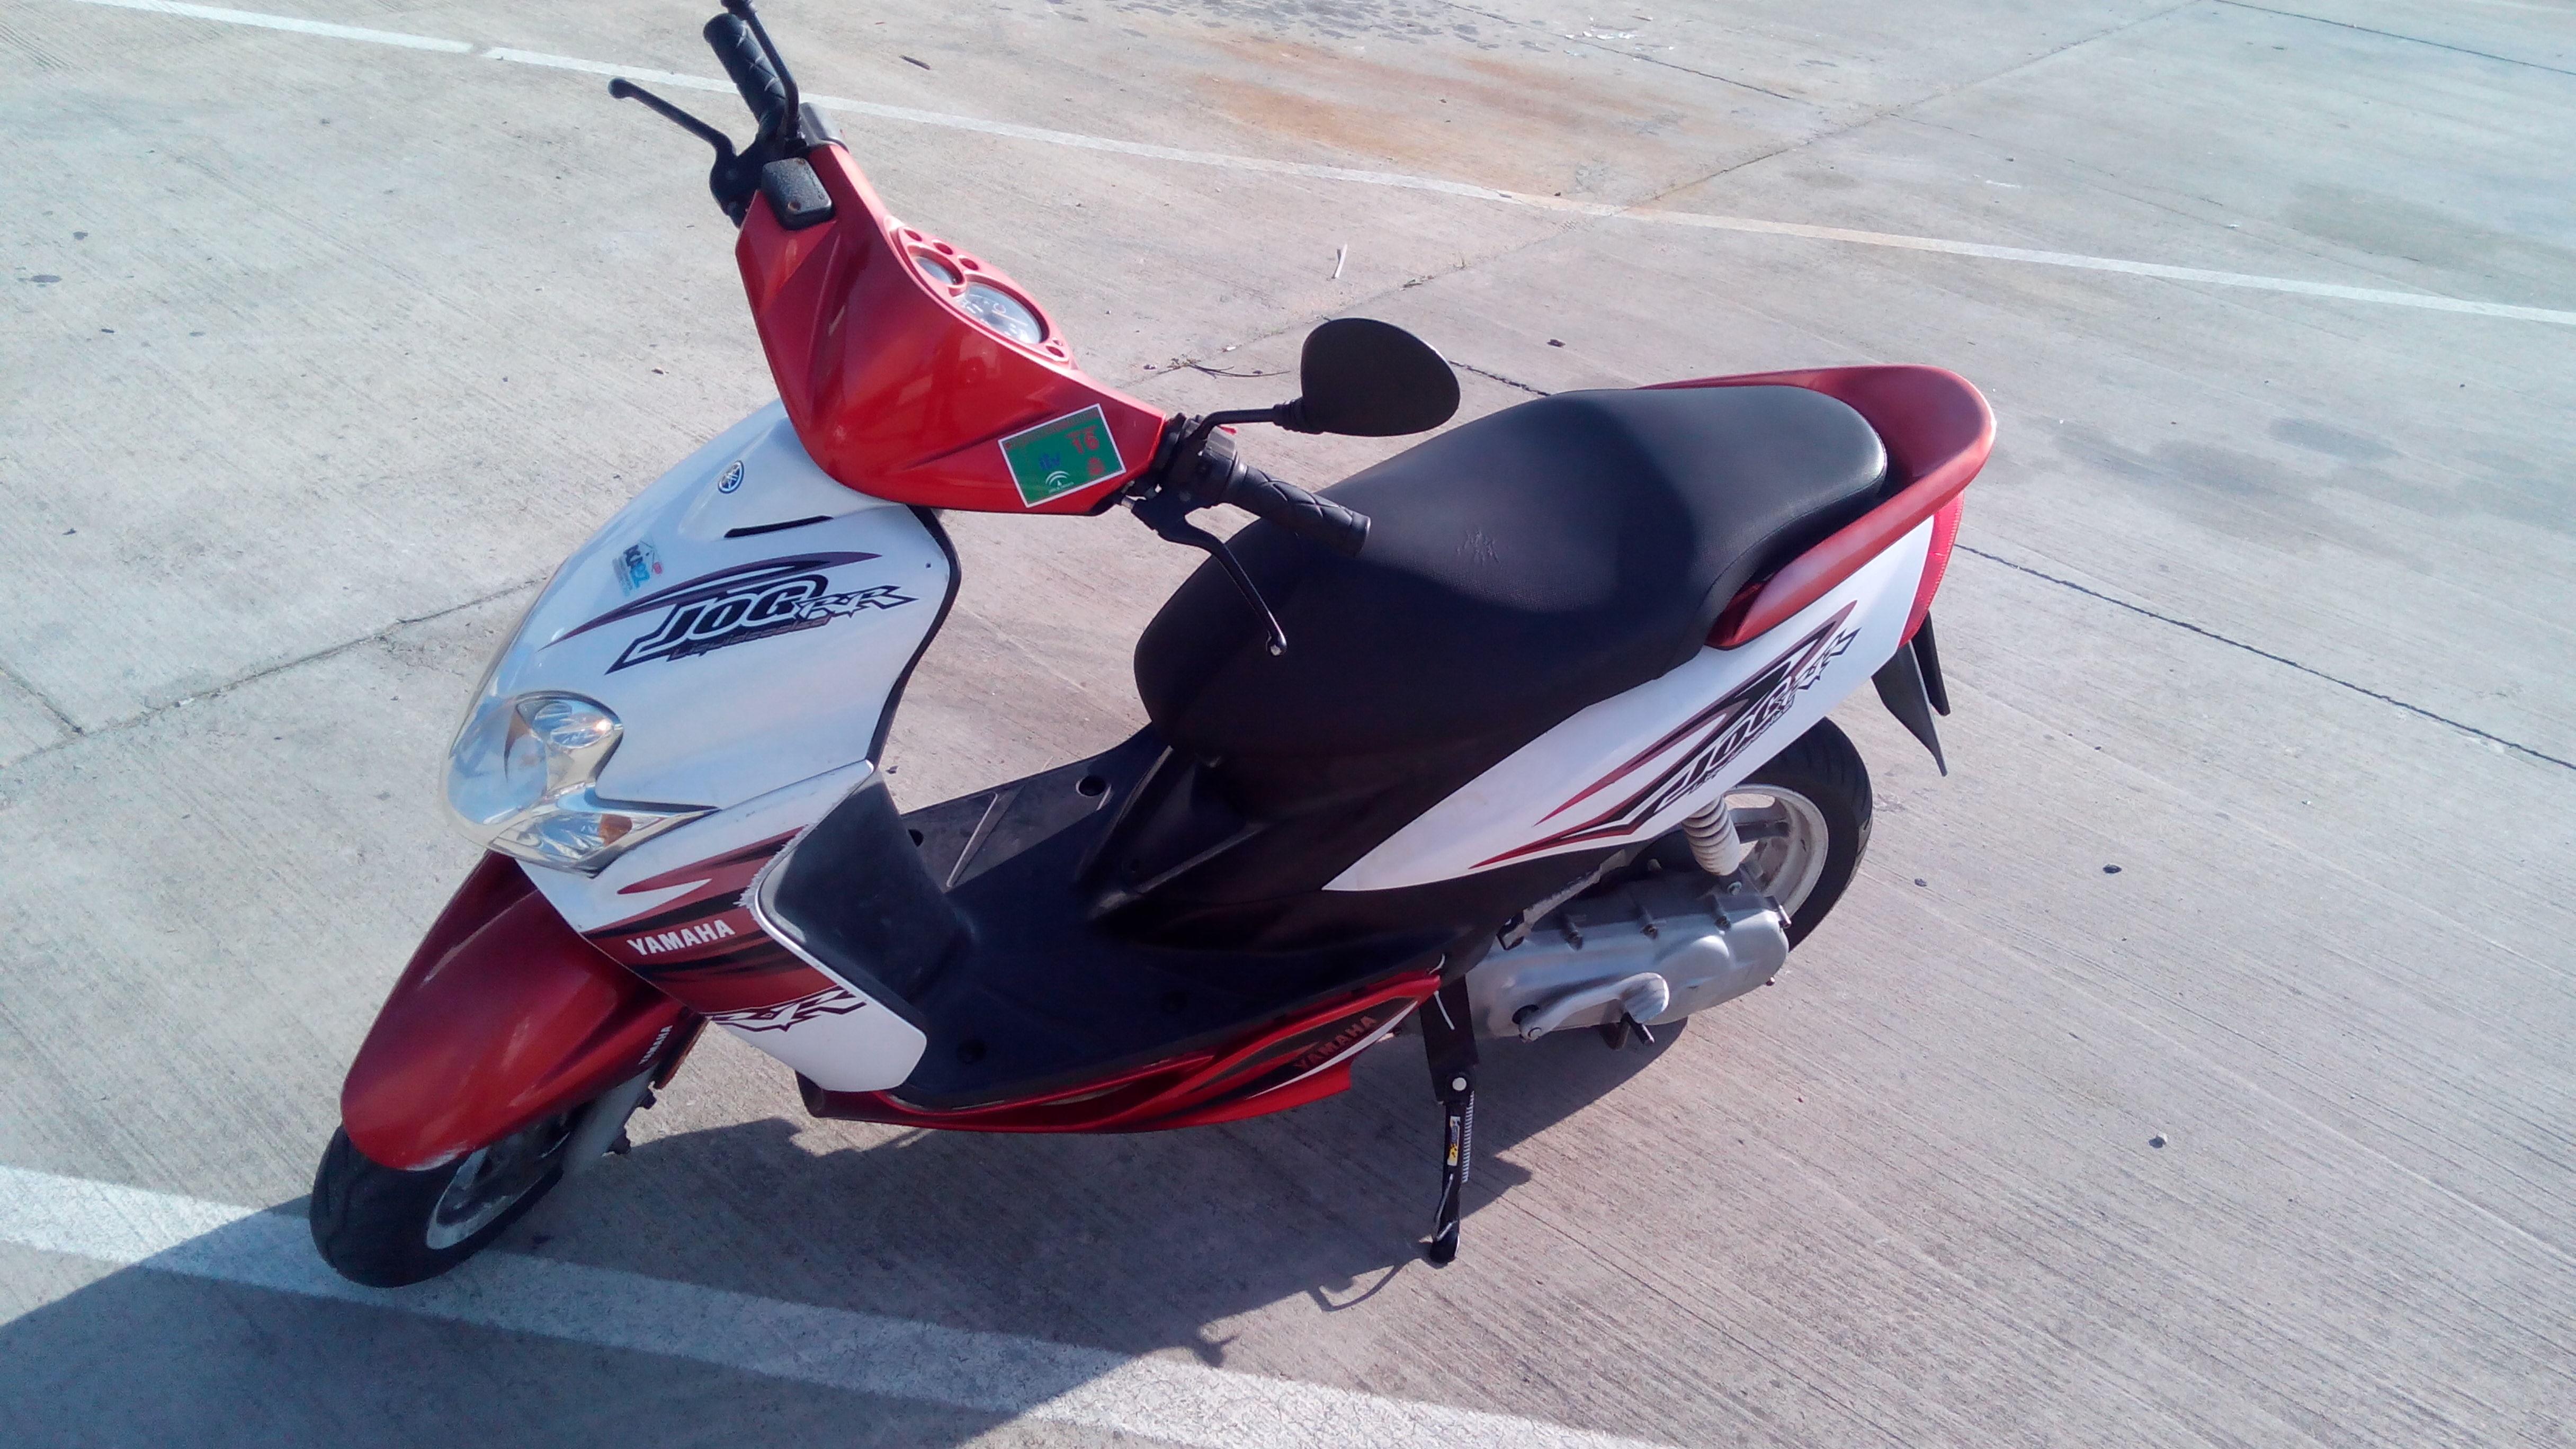 ciclomotor para el permiso de ciclomotor am.